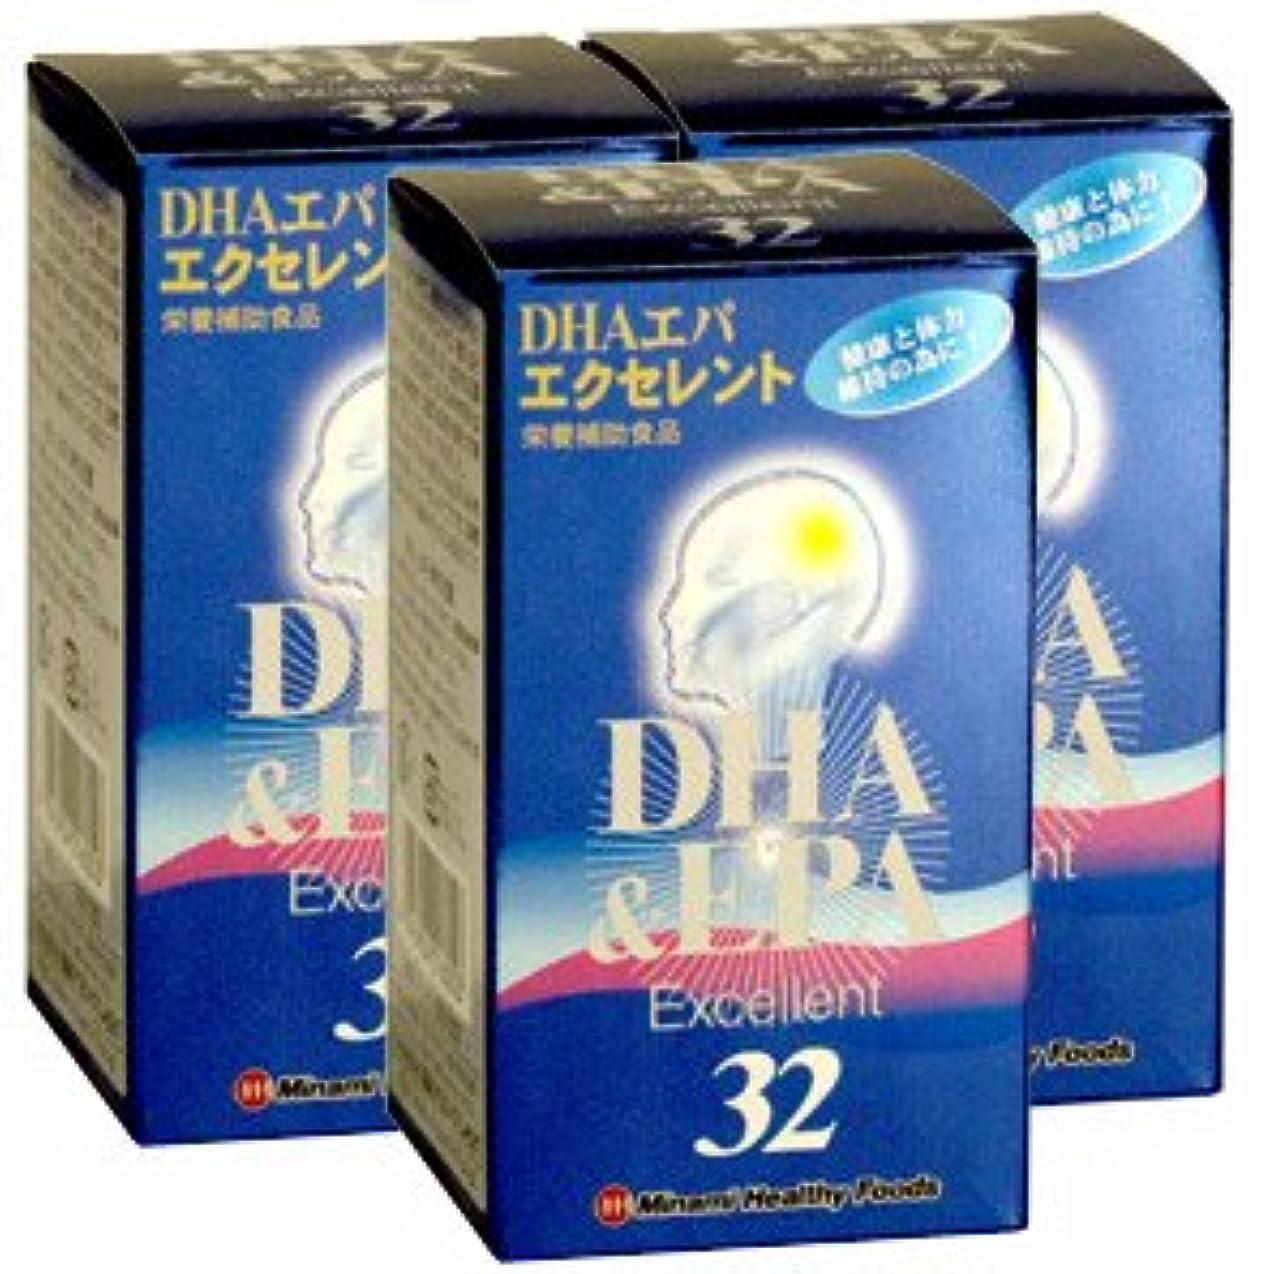 簡略化する適応する英語の授業がありますDHAエパエクセレント32【3本セット】ミナミヘルシーフーズ